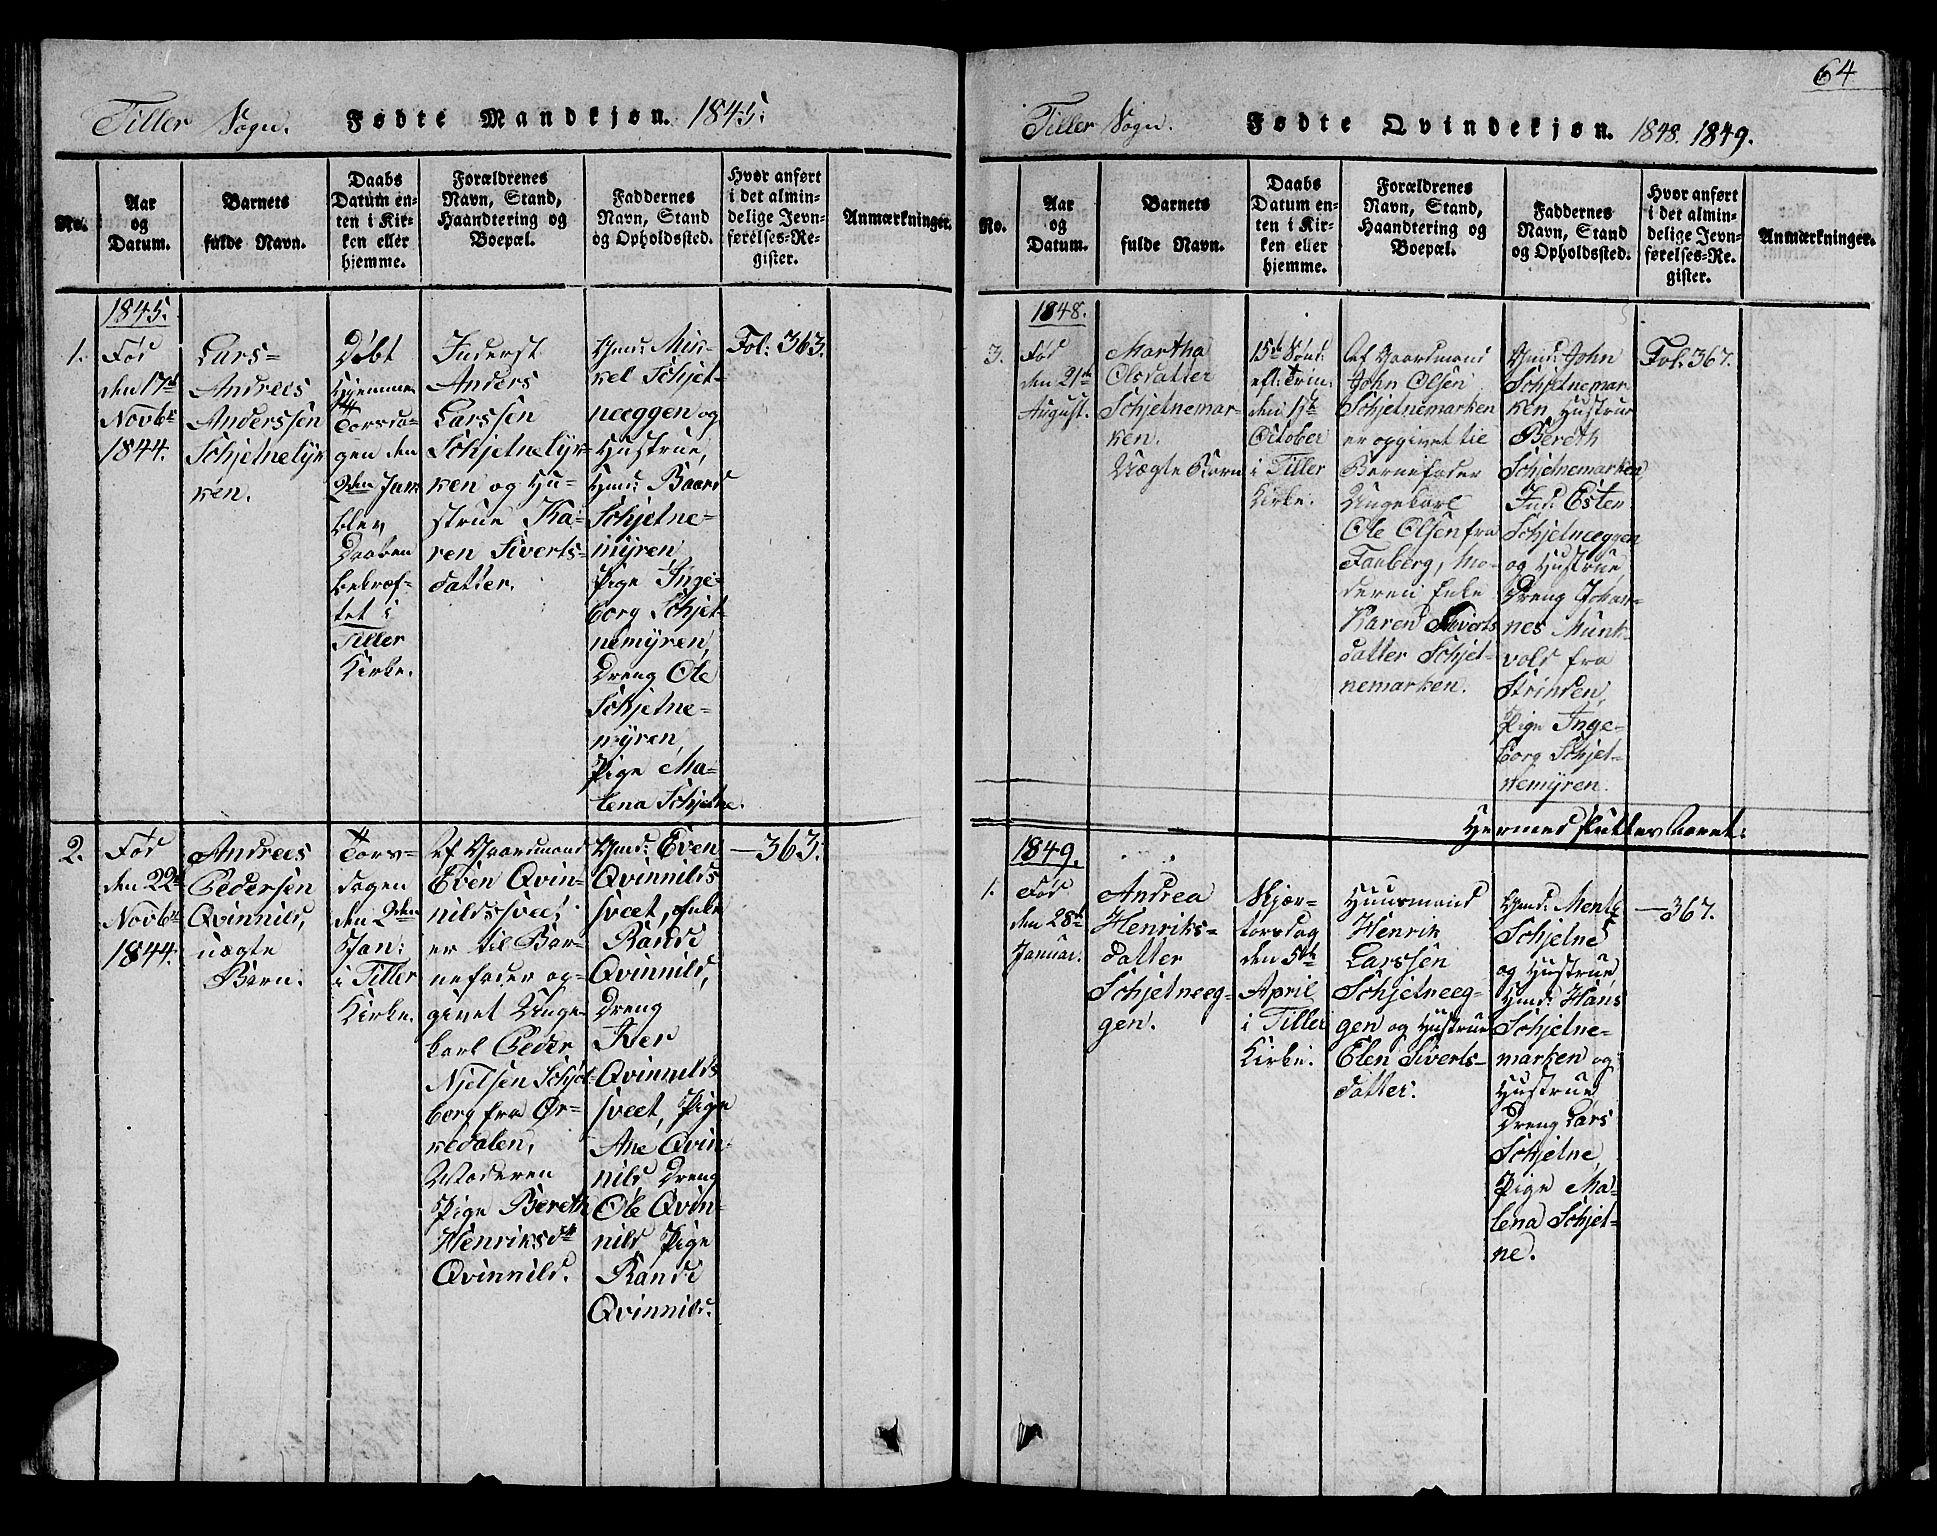 SAT, Ministerialprotokoller, klokkerbøker og fødselsregistre - Sør-Trøndelag, 621/L0458: Klokkerbok nr. 621C01, 1816-1865, s. 64